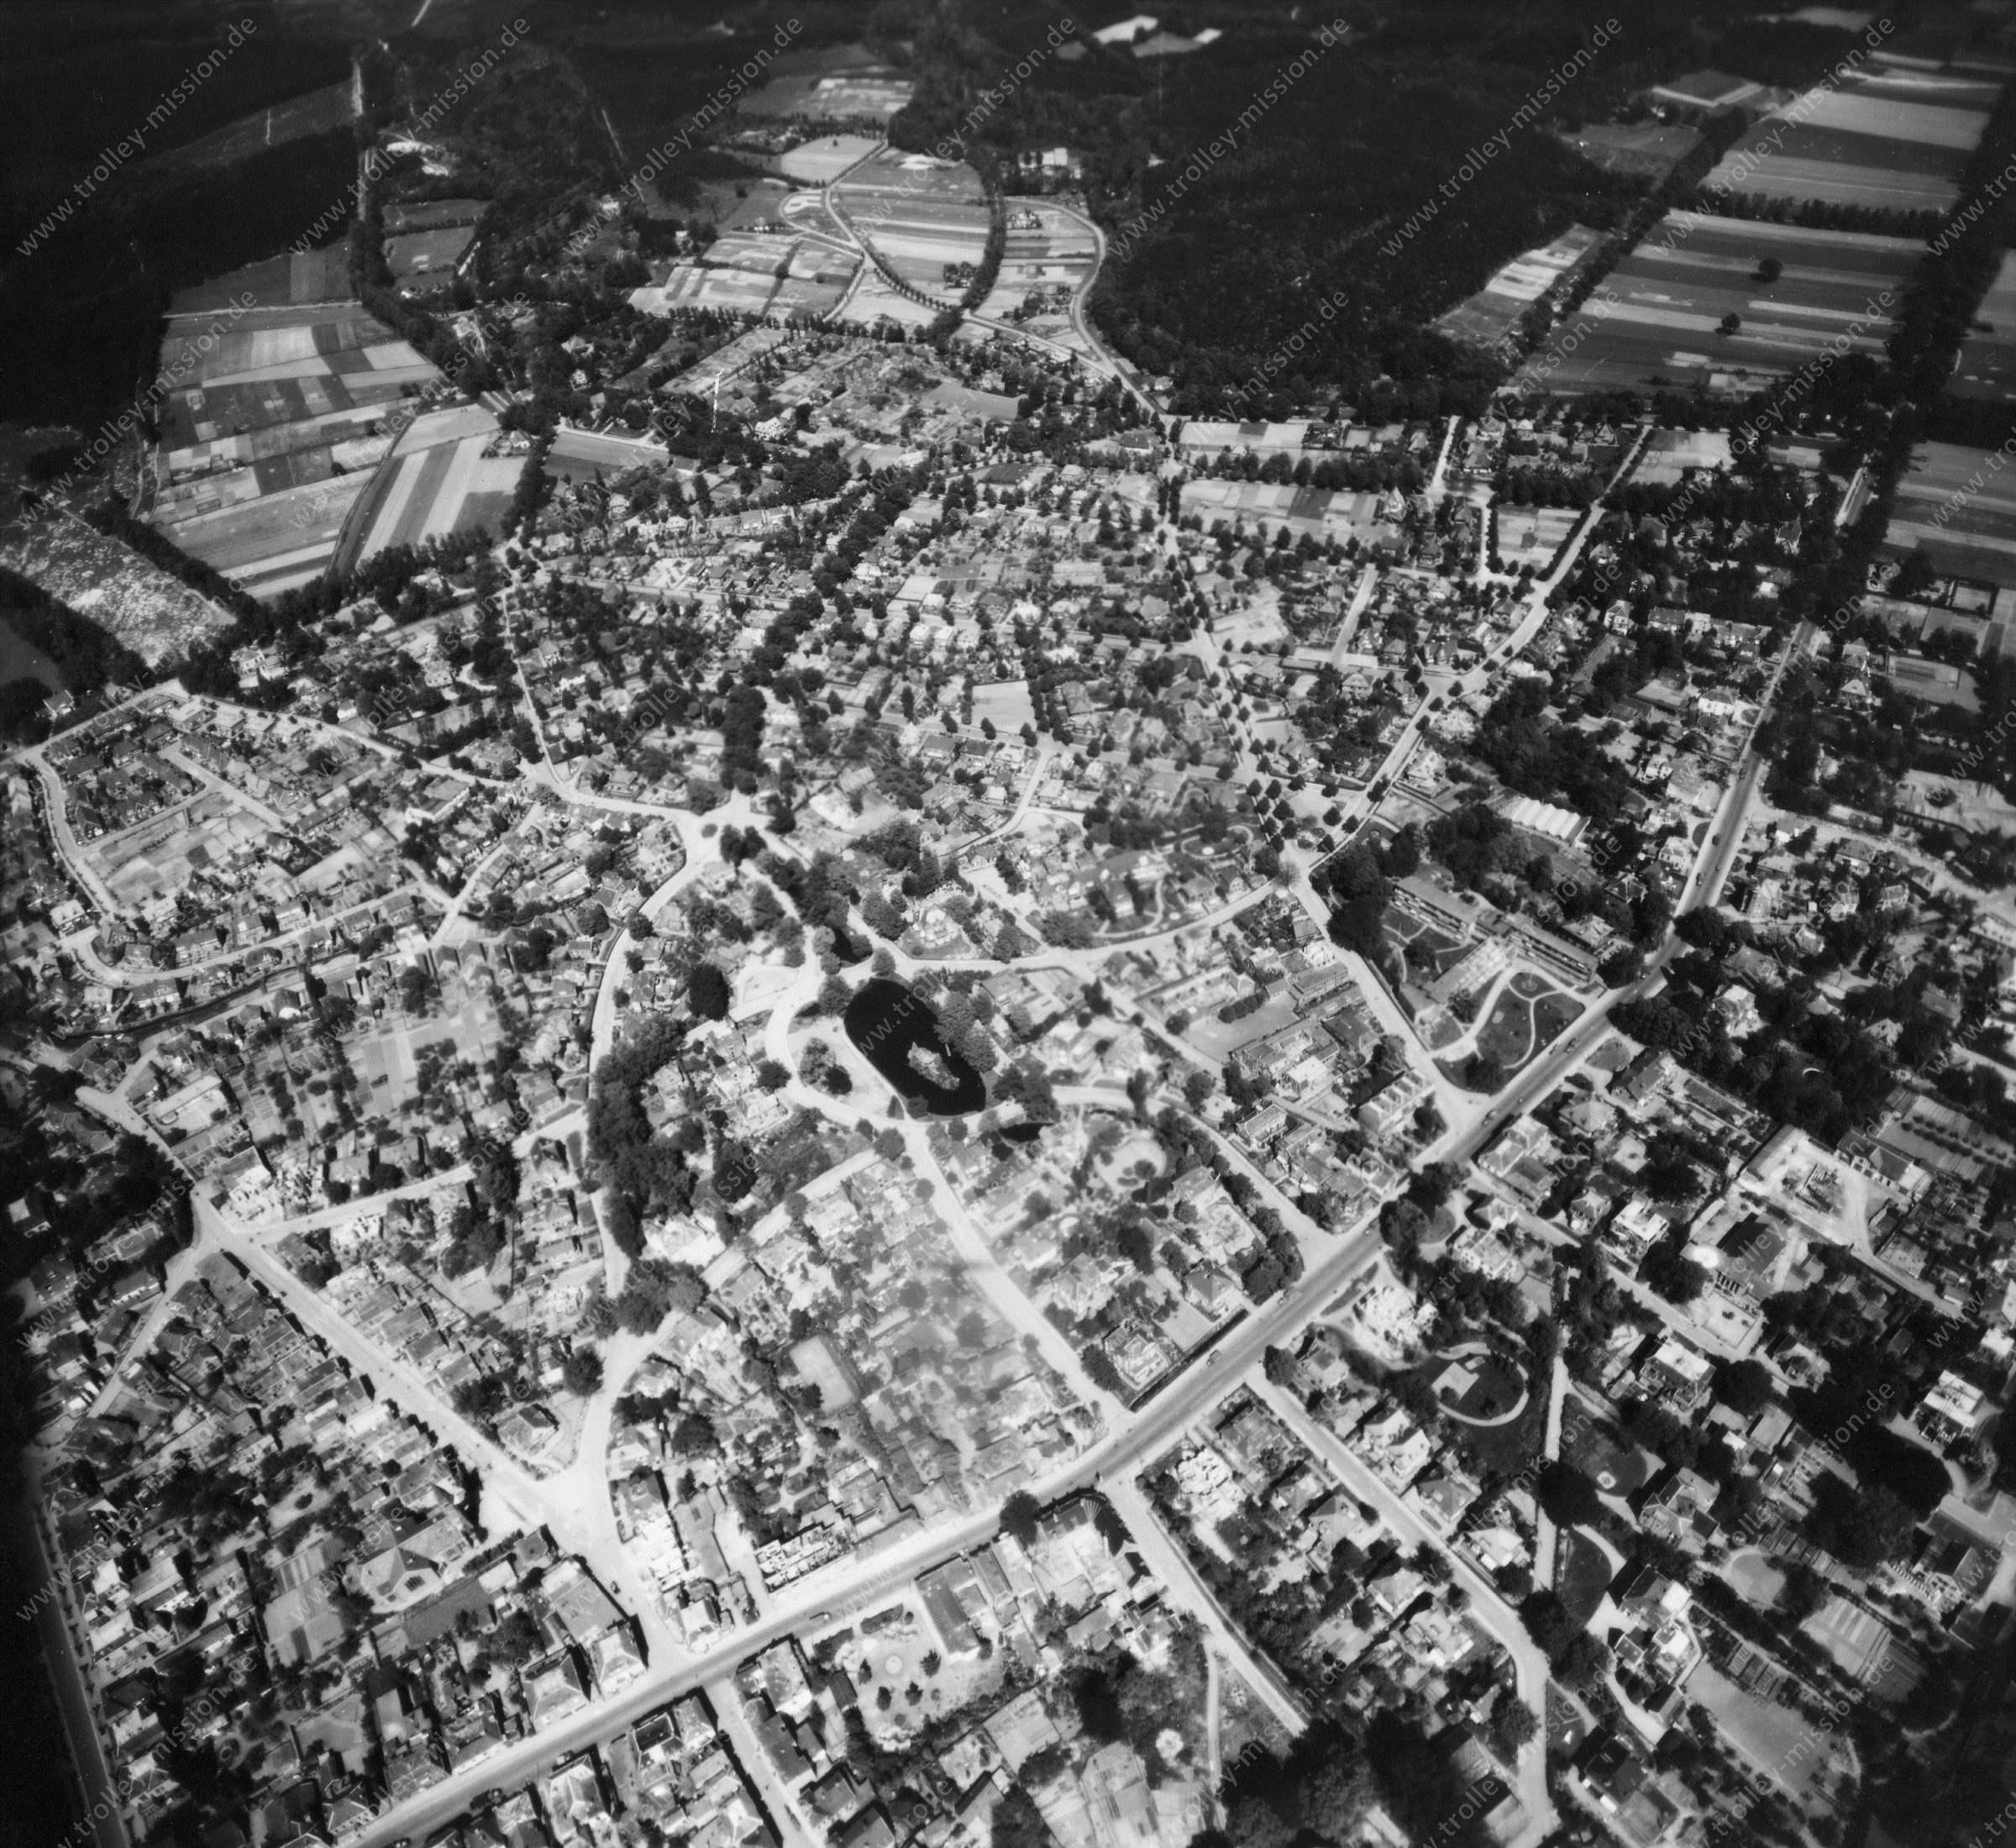 Velp - Luftbild aus dem Weltkrieg - Luftbildserie 5/5 der US Luftwaffe (Niederlande)